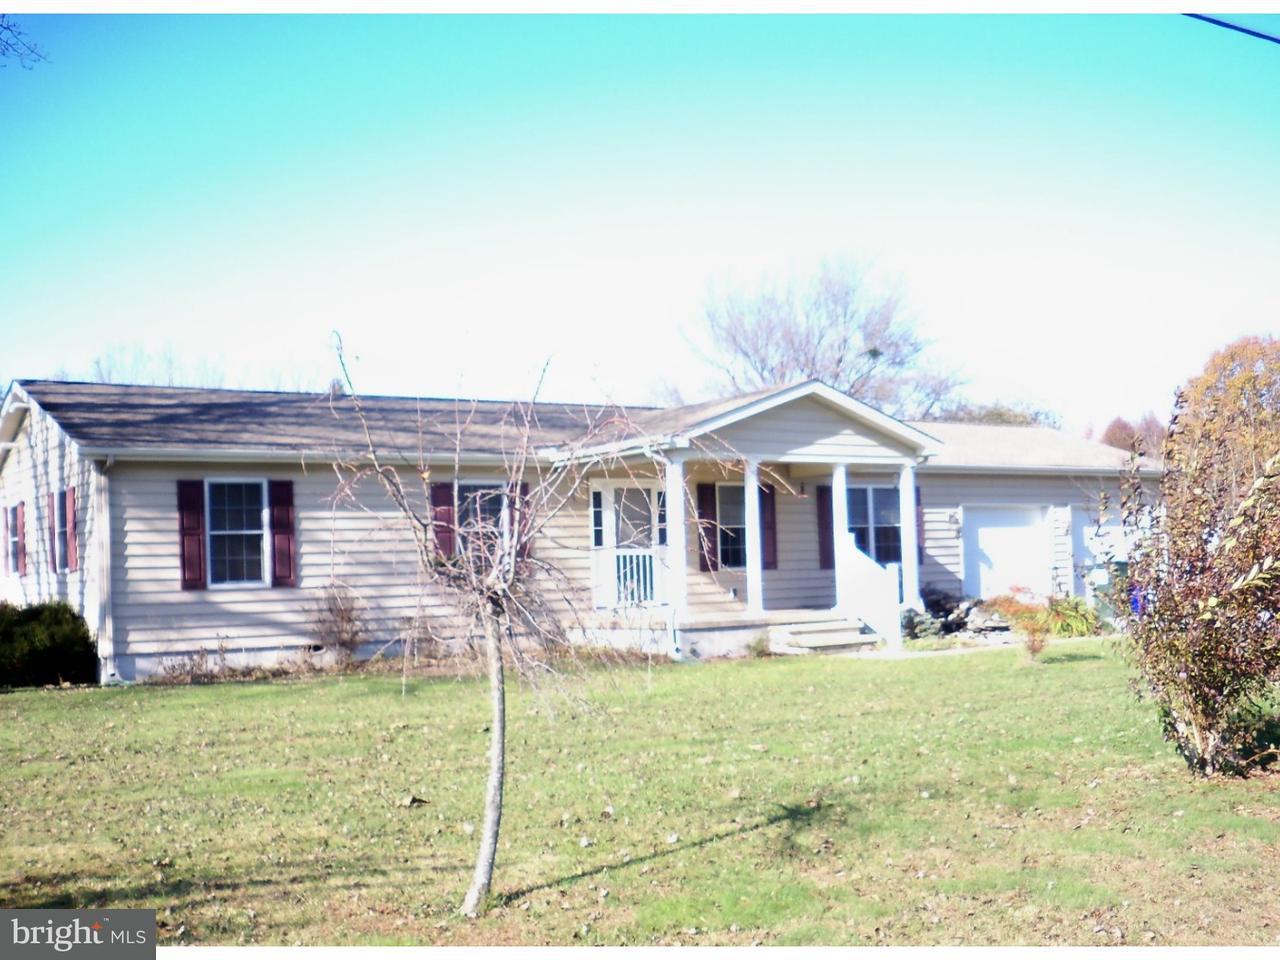 Частный односемейный дом для того Продажа на 555 HAZLETTVILLE Road Hartly, Делавэр 19953 Соединенные Штаты